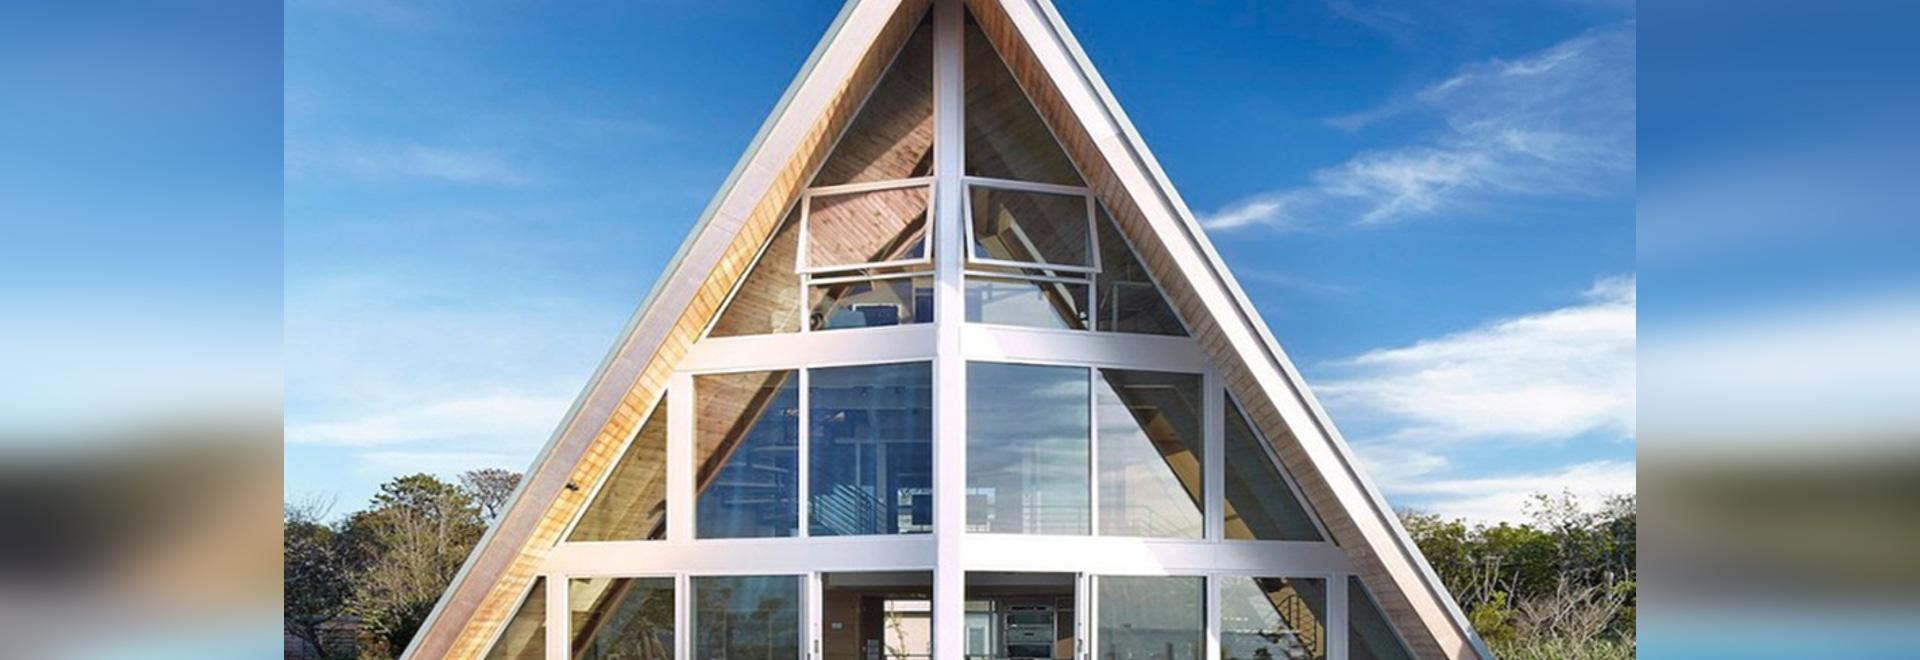 les architectes de bromley caldari transforment un émiettage de 1960